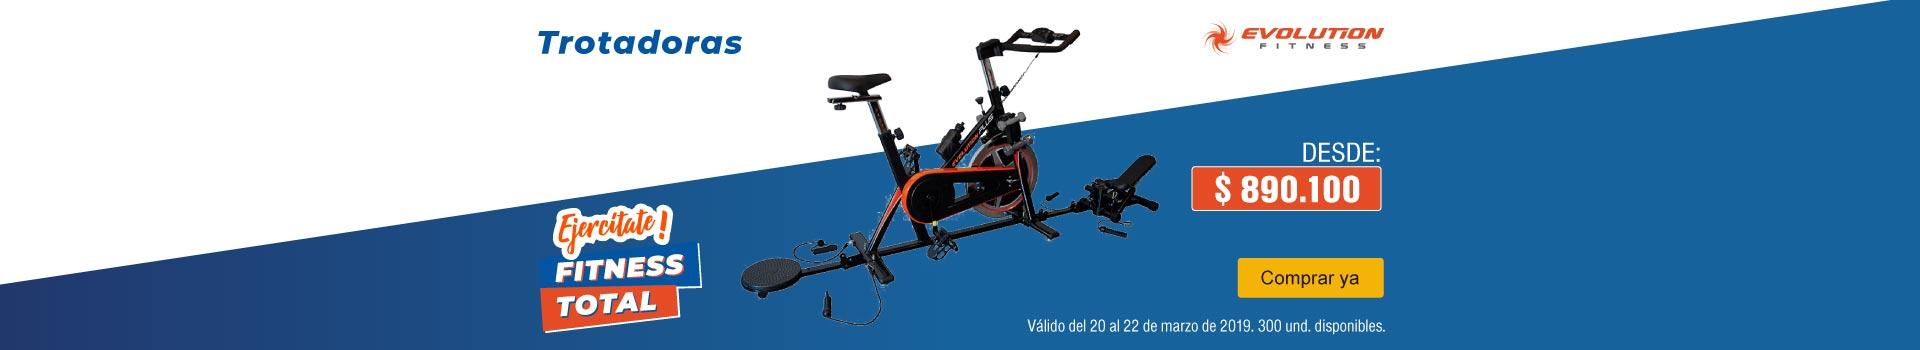 AK-KT-PPALDEPORTES-2-deportes-trotadoras-Mar20-D